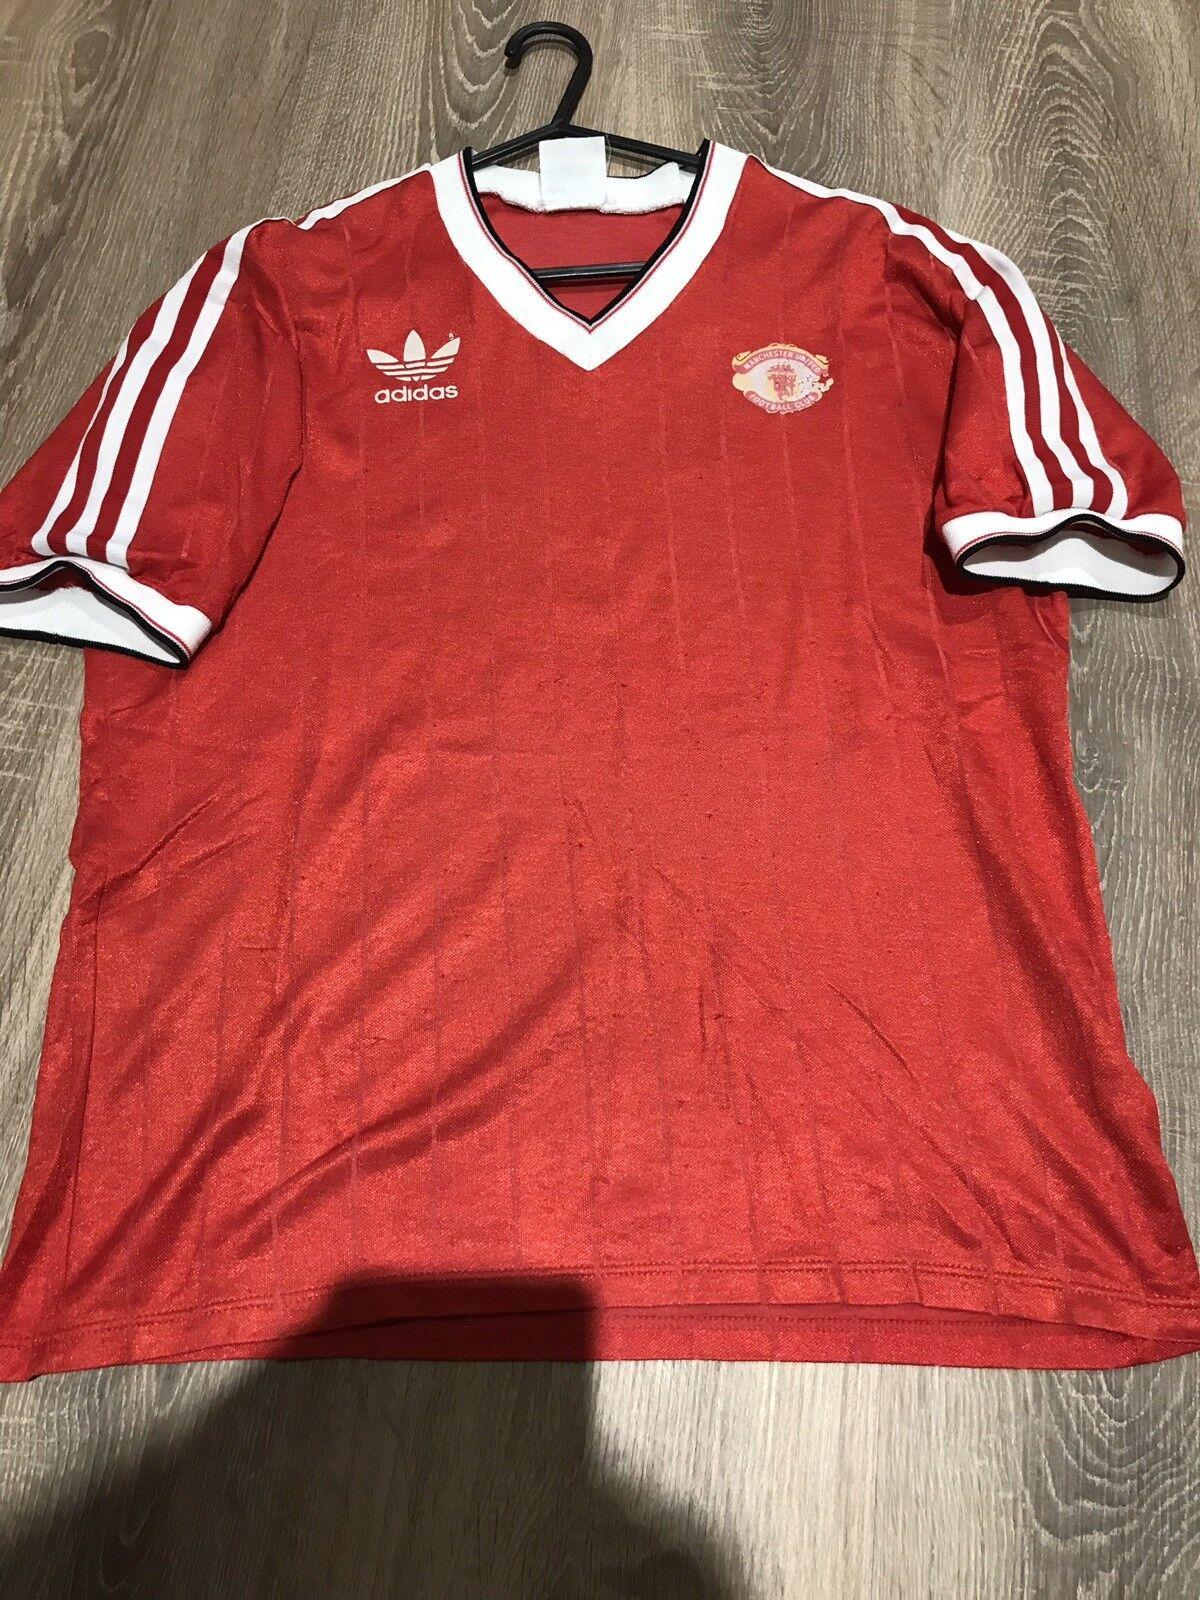 Manchester United Originale Vintage 198384 maglietta adulti L